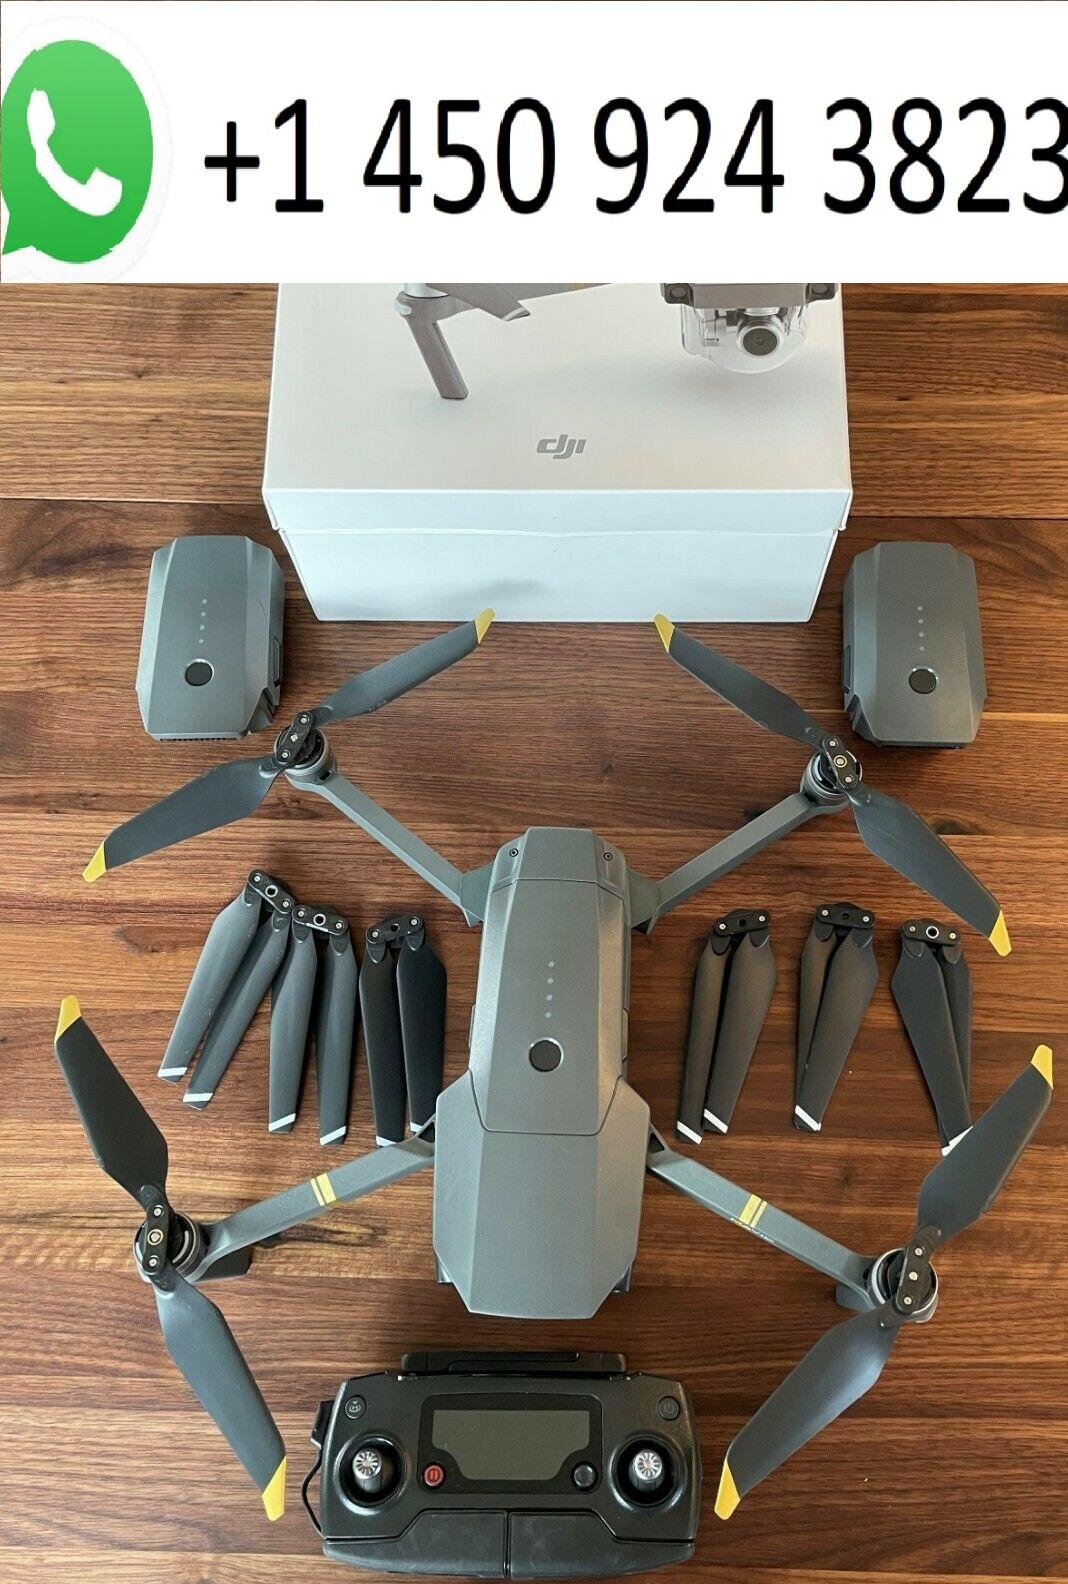 Novo drone DJI Mavic Pro Platinum Fly com acessórios